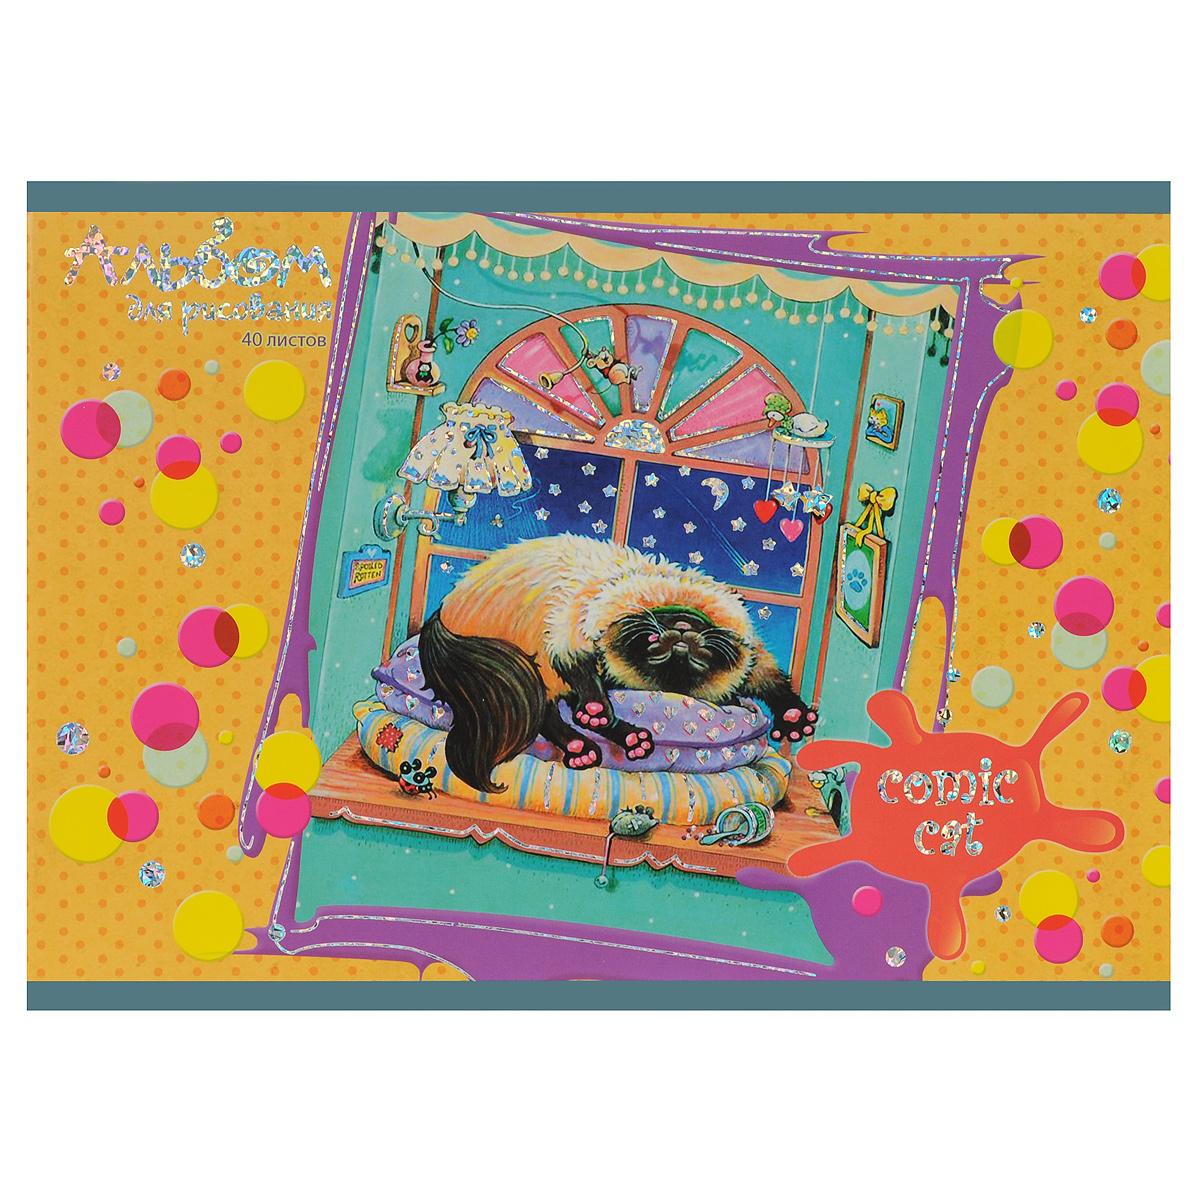 Альбом для рисования Unnikaland Ленивый кот, 24 листаFD010012Альбом для рисования Unnikaland Ленивый кот непременно порадует маленького художника и вдохновит его на творчество. Яркая, красочная, креативная обложка привлечет внимание юного художника.Обложка альбома покрыта глянцевым лаком и специальной фольгой с эффектом Голография. Обложка играет в руках и радует взгляд. Внутренний блок изготавливается из высококачественной бумаги, что гарантирует чистоту рисунков, высокие укрывистые качества и комфорт при рисовании. Рисование позволяет ребенку развивать творческие способности, кроме того, это увлекательный досуг.